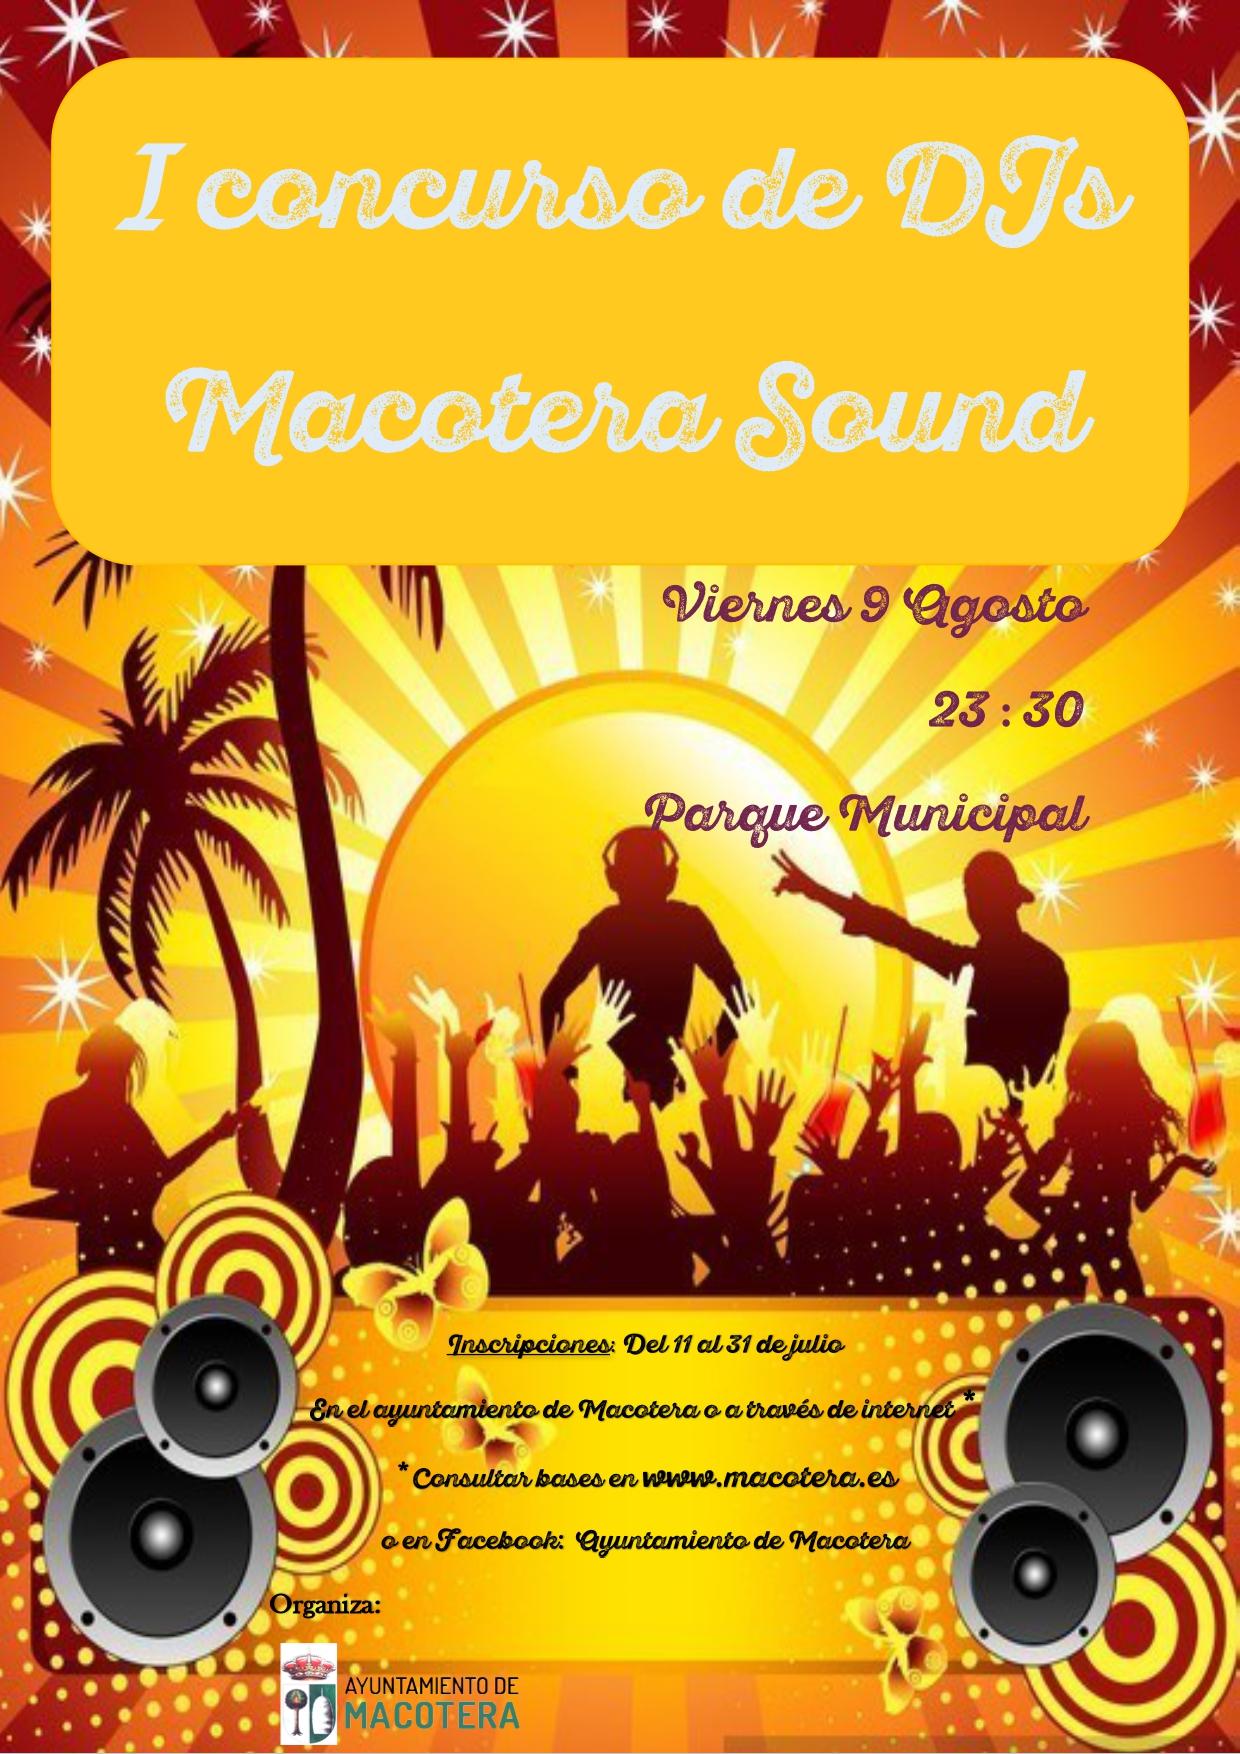 Concurso DJs MAcotera